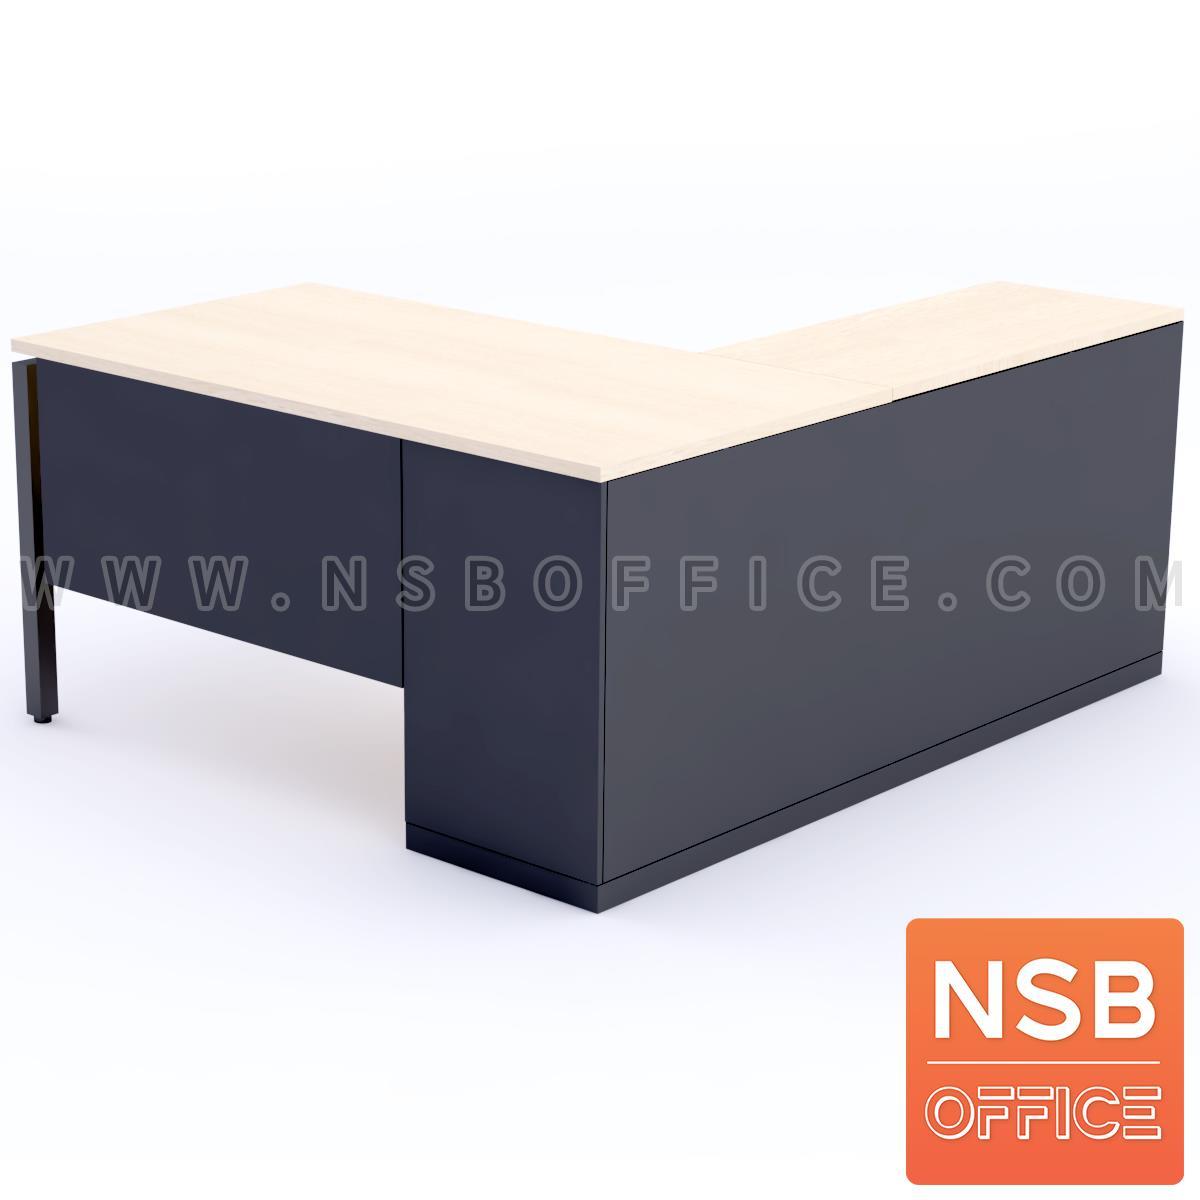 โต๊ะผู้บริหารตัวแอล  รุ่น Braxton (แบรกซ์ตัน) ขนาด 180W1 ,200W1*180W2 cm.  พร้อมตู้ข้าง ขาเหล็กกล่อง พร้อมป็อปอัพรหัส A24A034